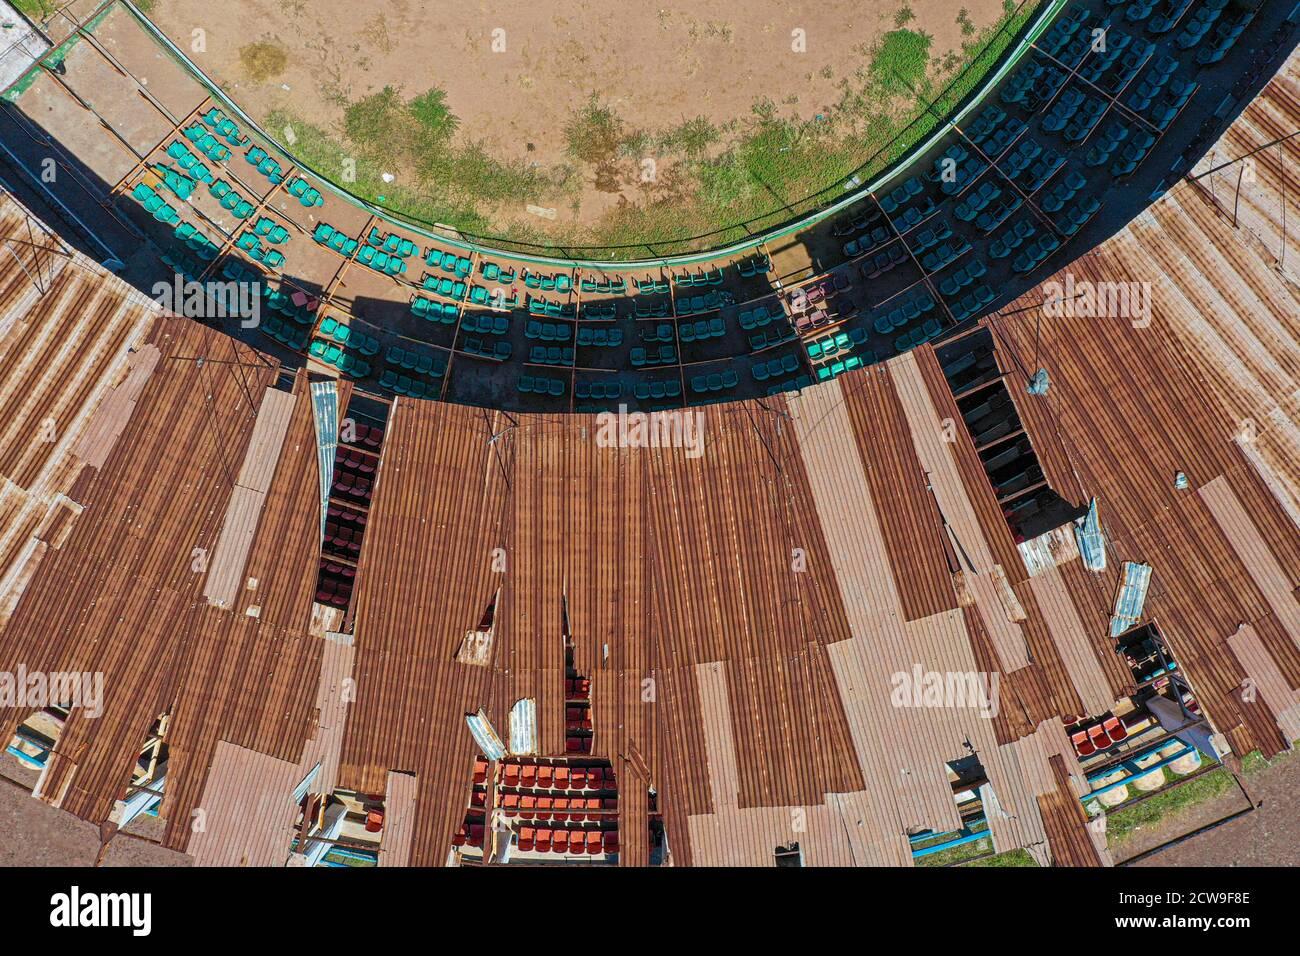 Vista aérea de los stands, asientos y campo de juego del antiguo estadio de béisbol Abelardo L. Rodríguez. Este fue el estadio del equipo de Oscioneros de Guaymas, con capacidad para cinco mil espectadores. Actualmente en abandono y deterioro, el complejo es el estadio más grande de la región de Guaymas-Empalme. Liga Mexicana del Pacífico, LMP. Diamante de béisbol, campo de béisbol, vista aérea, techo (Foto: Luis Gutiérrez por NortePhoto.com) Vista aérea de gradas, butacas y terreno de juego del viejo estadio de beisbol Abelardo L. Rodríguez, este fue el estadio del equipo Oscioneros de Guaymas, con Foto de stock